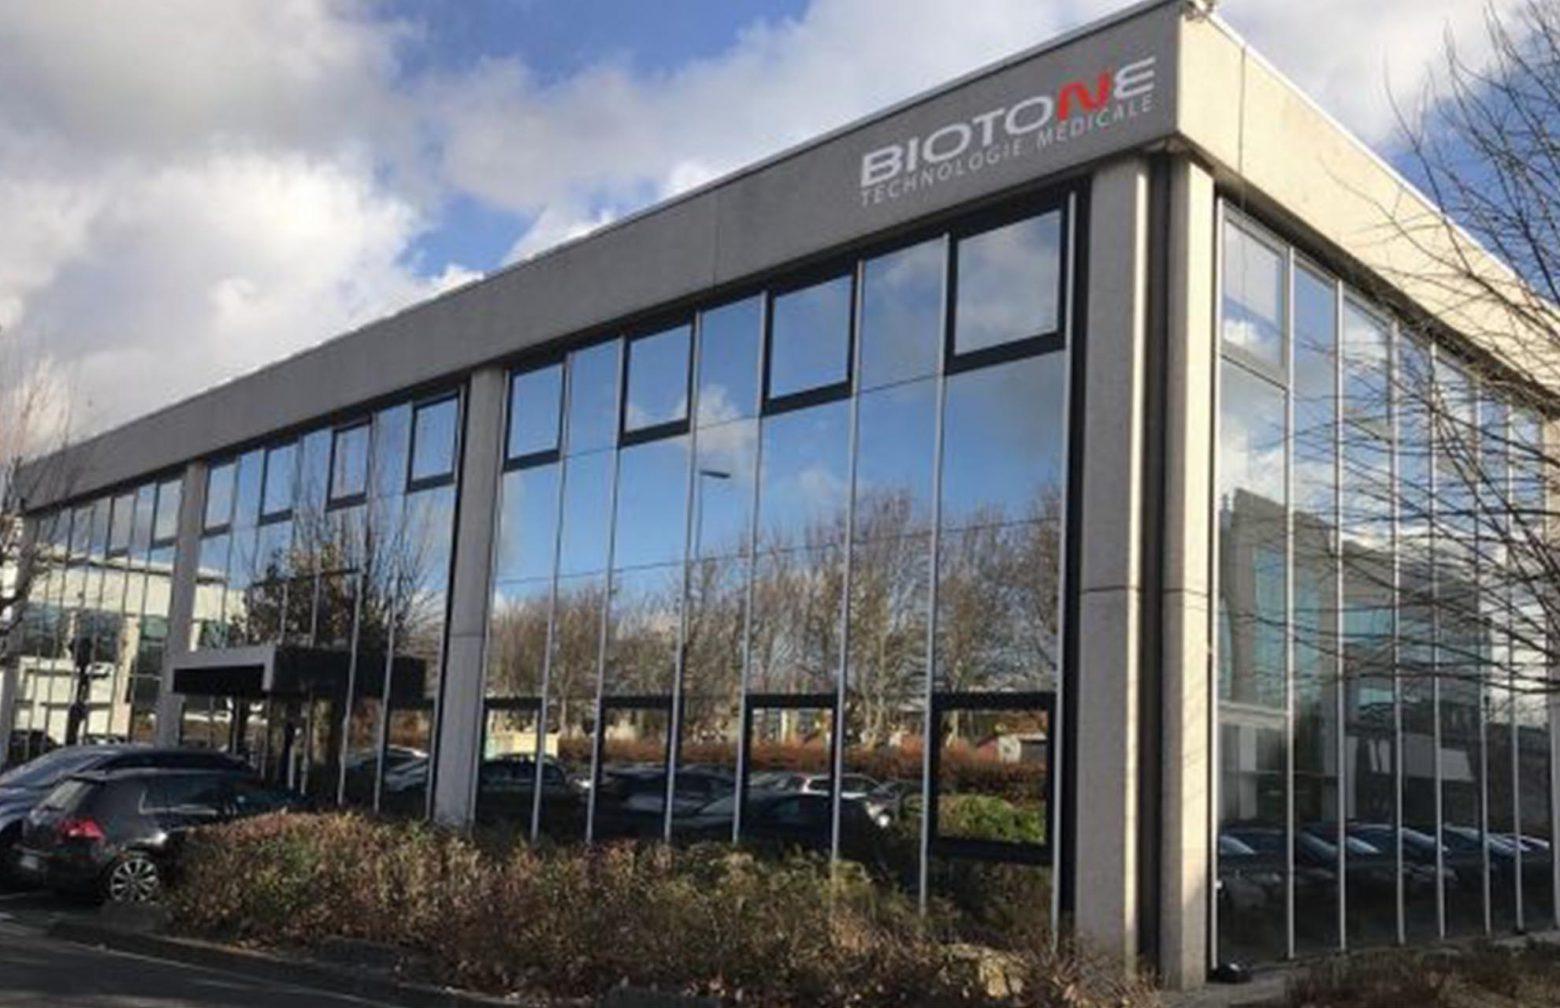 afecfaeed1517 Biotone joins Sivantos Group - Sivantos